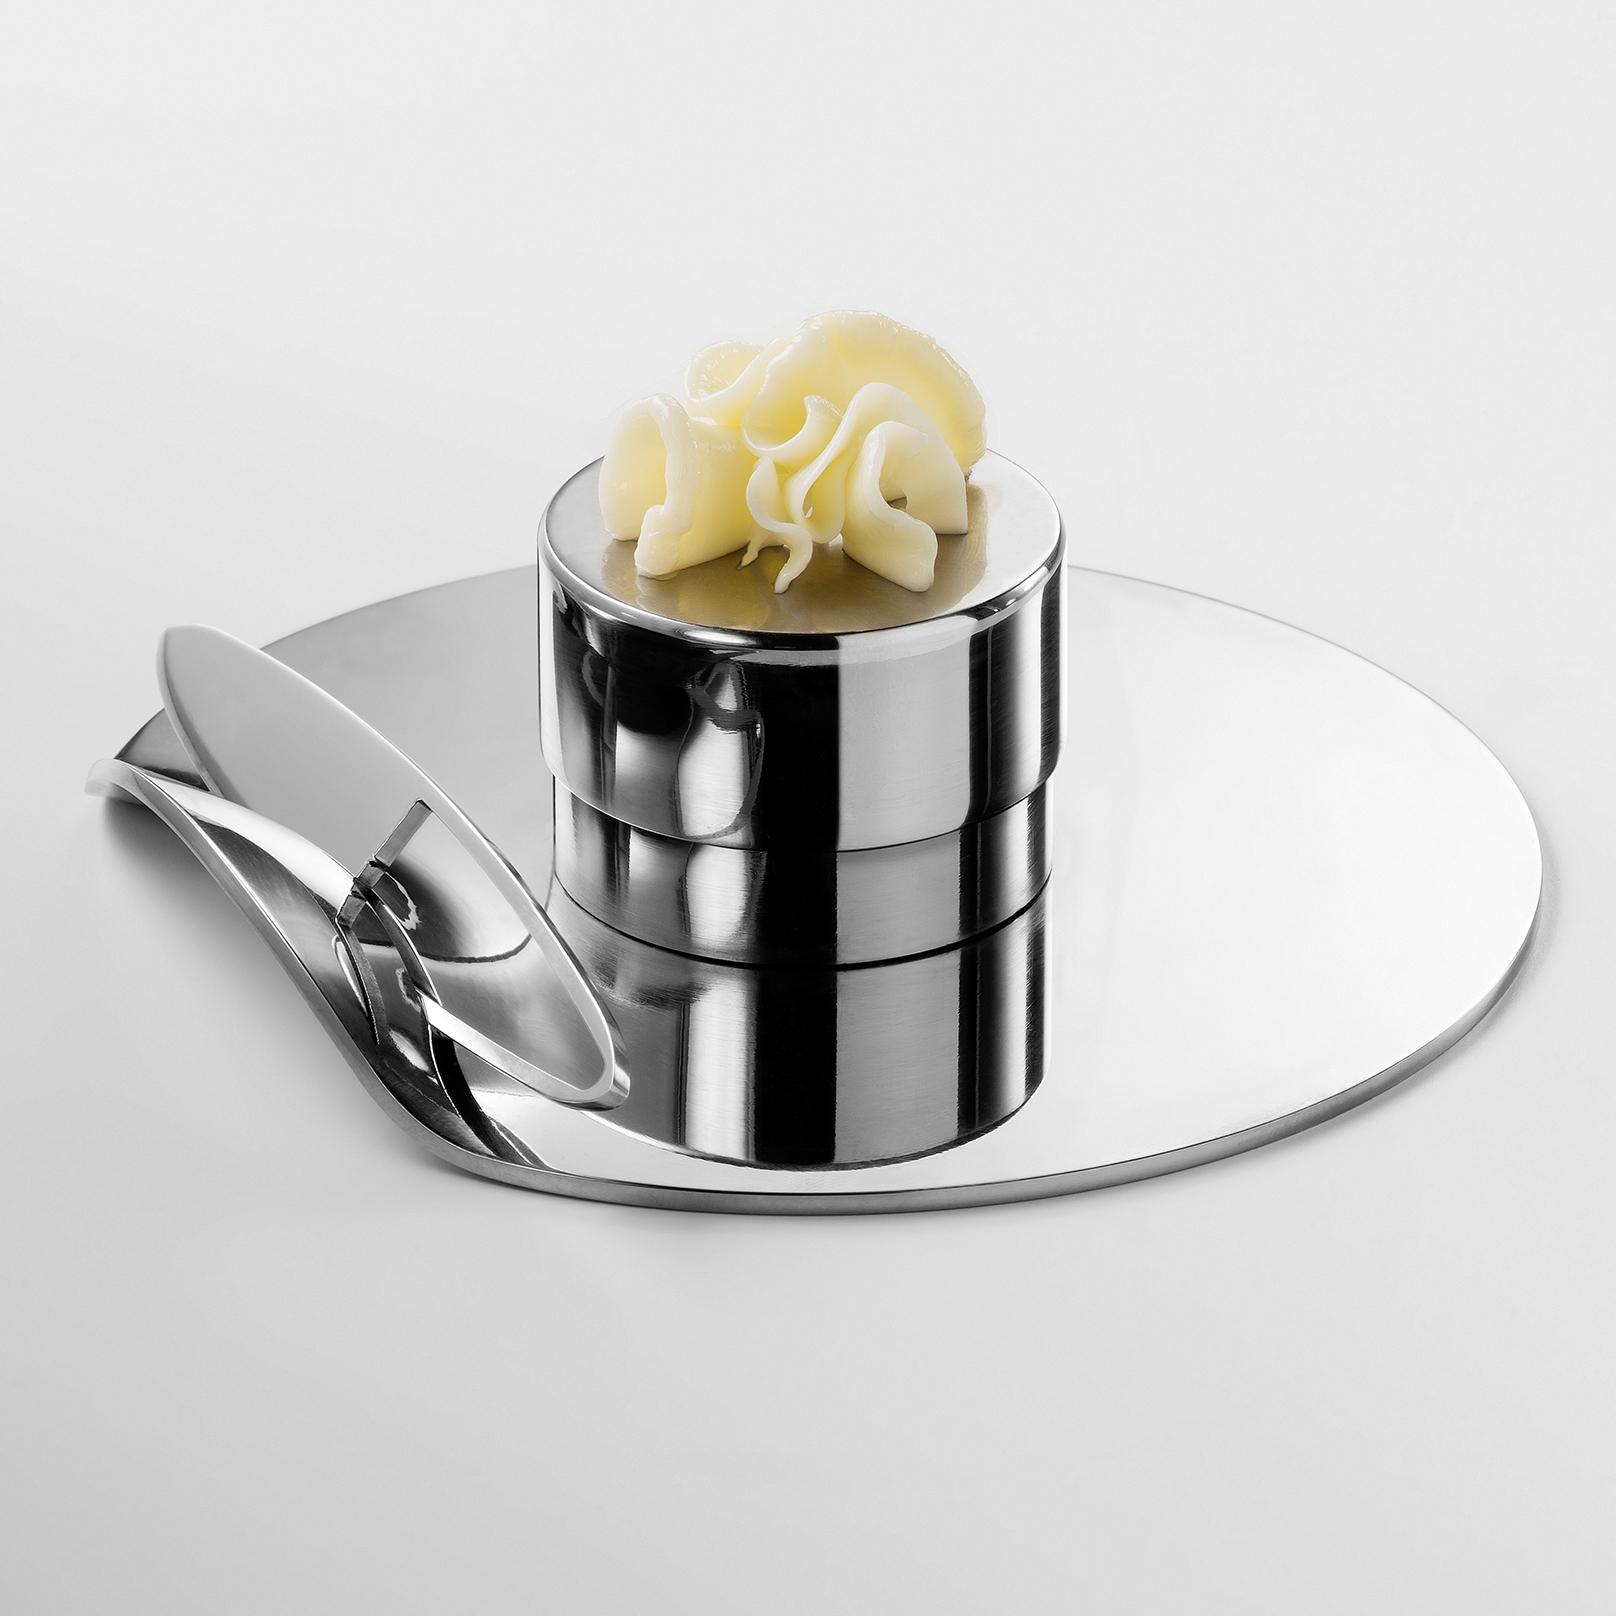 iris-butter-dish.jpg